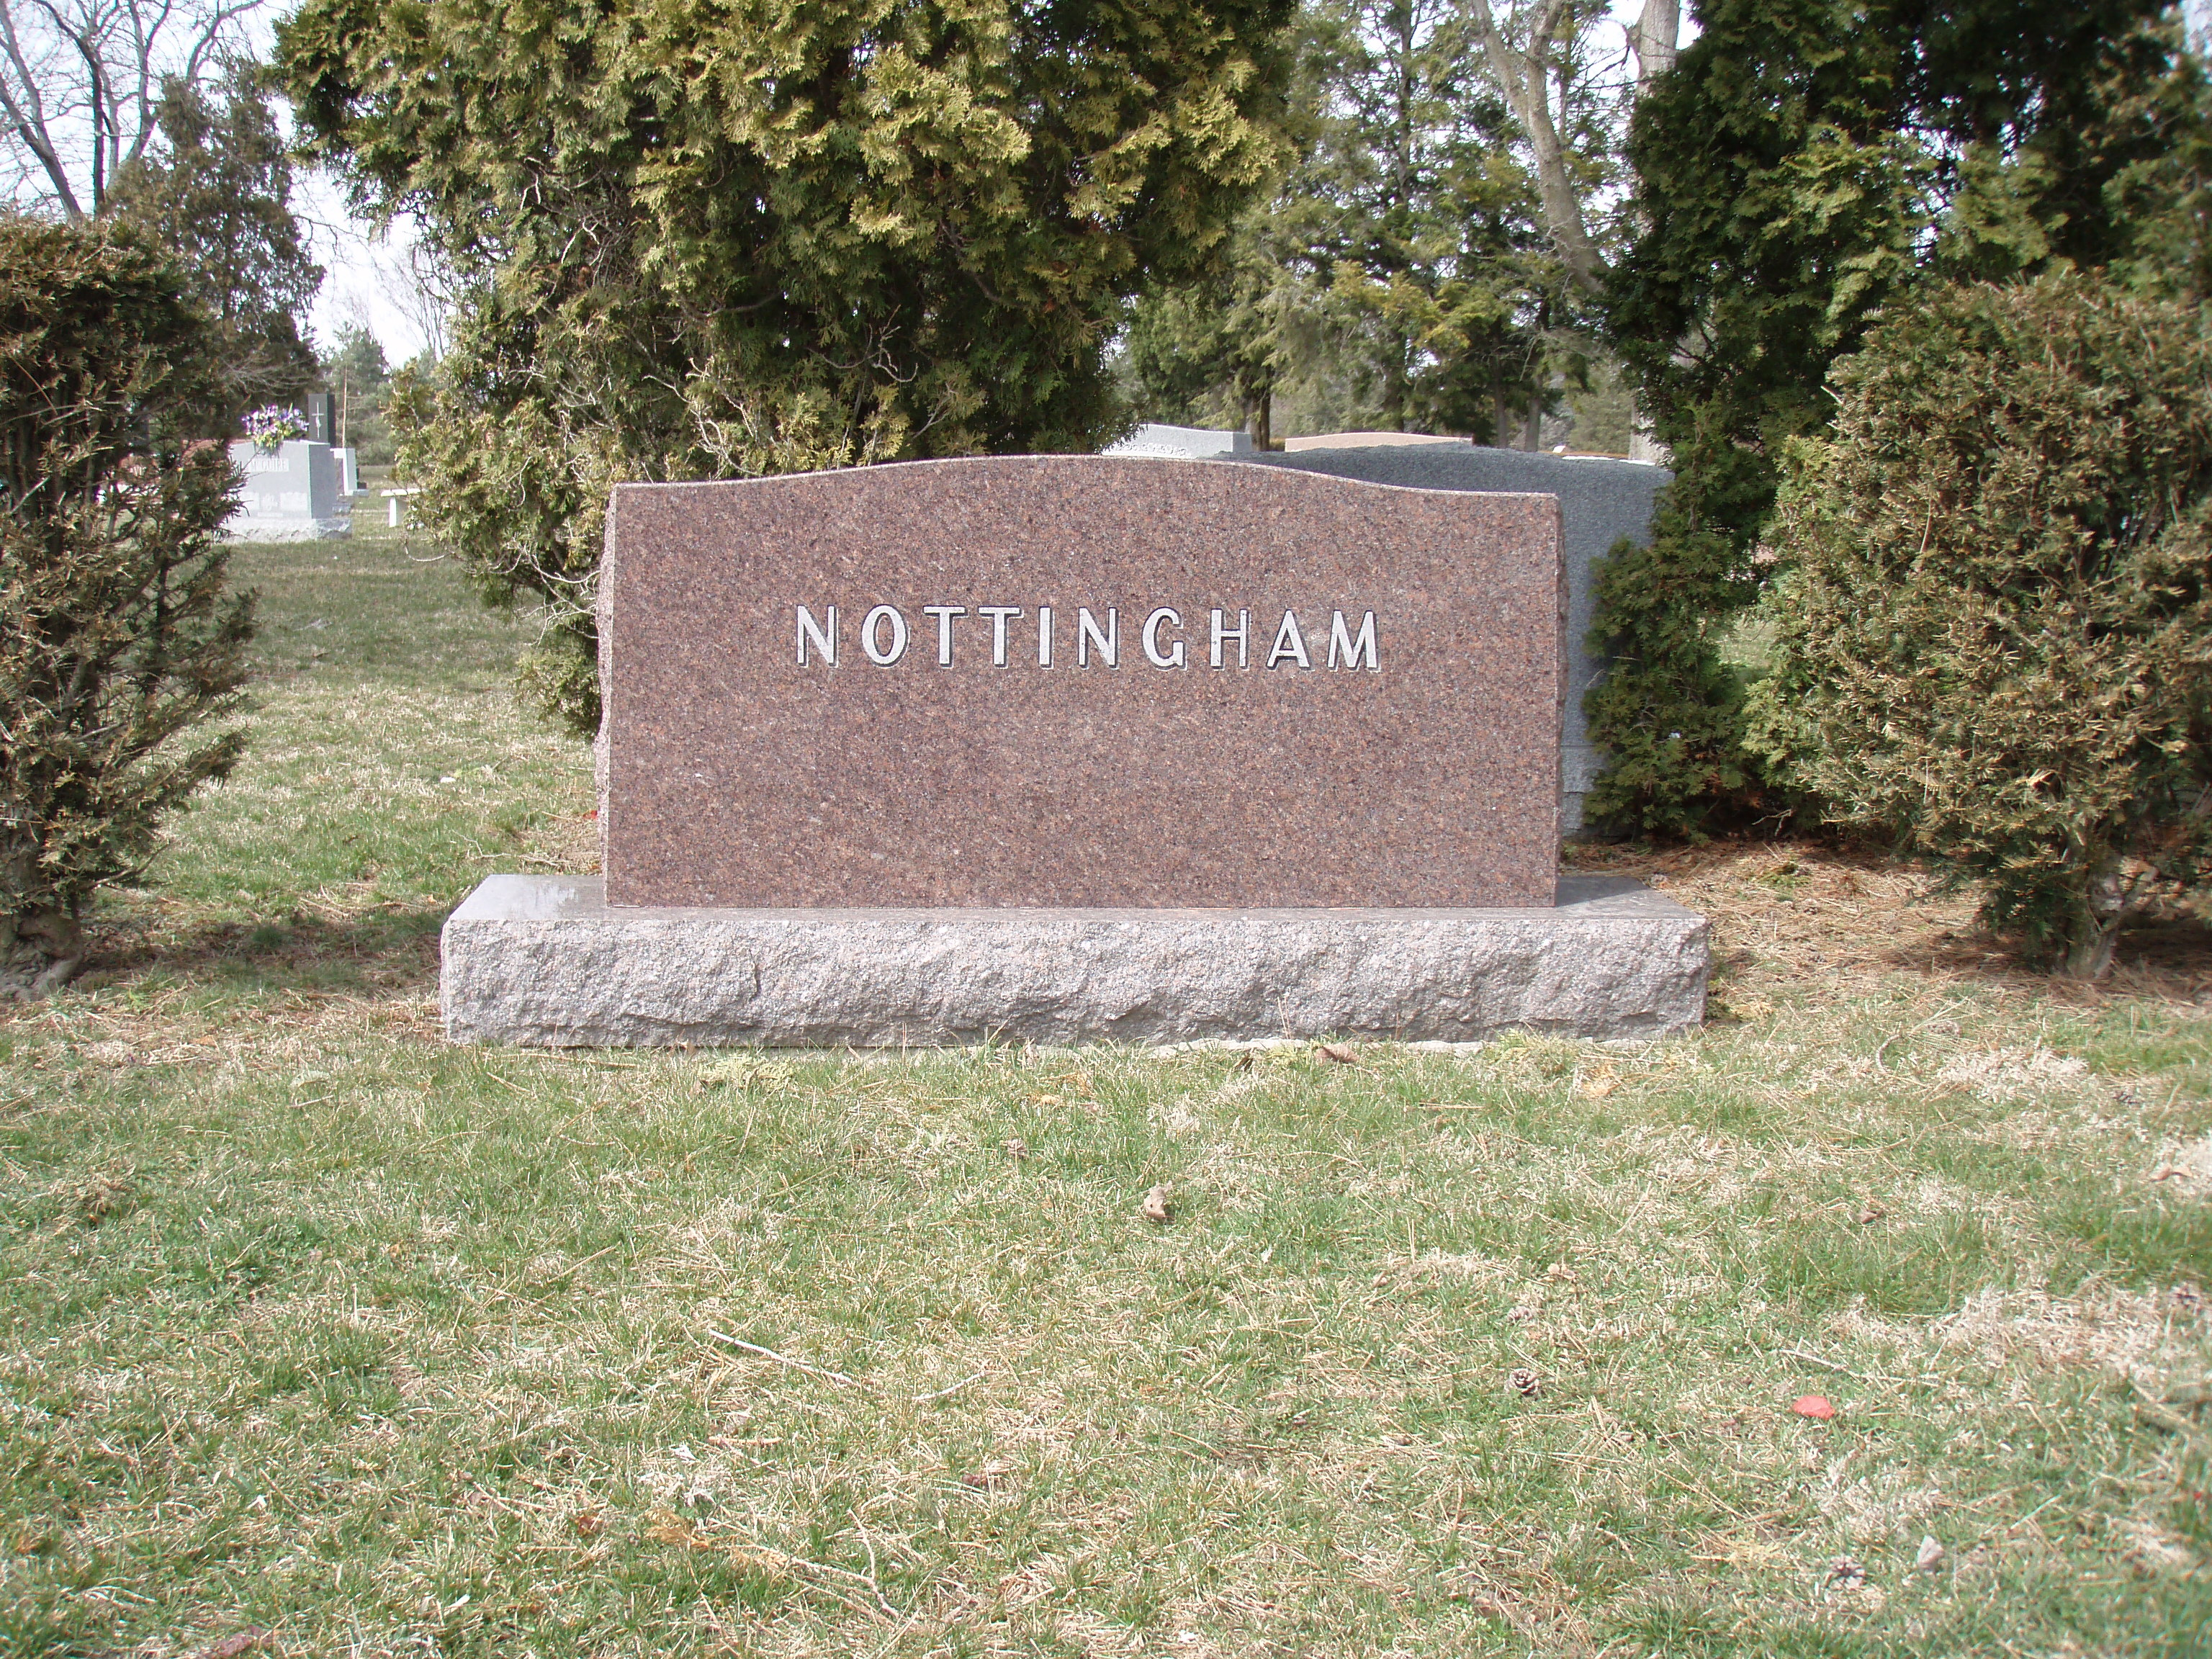 Autumn Nottingham